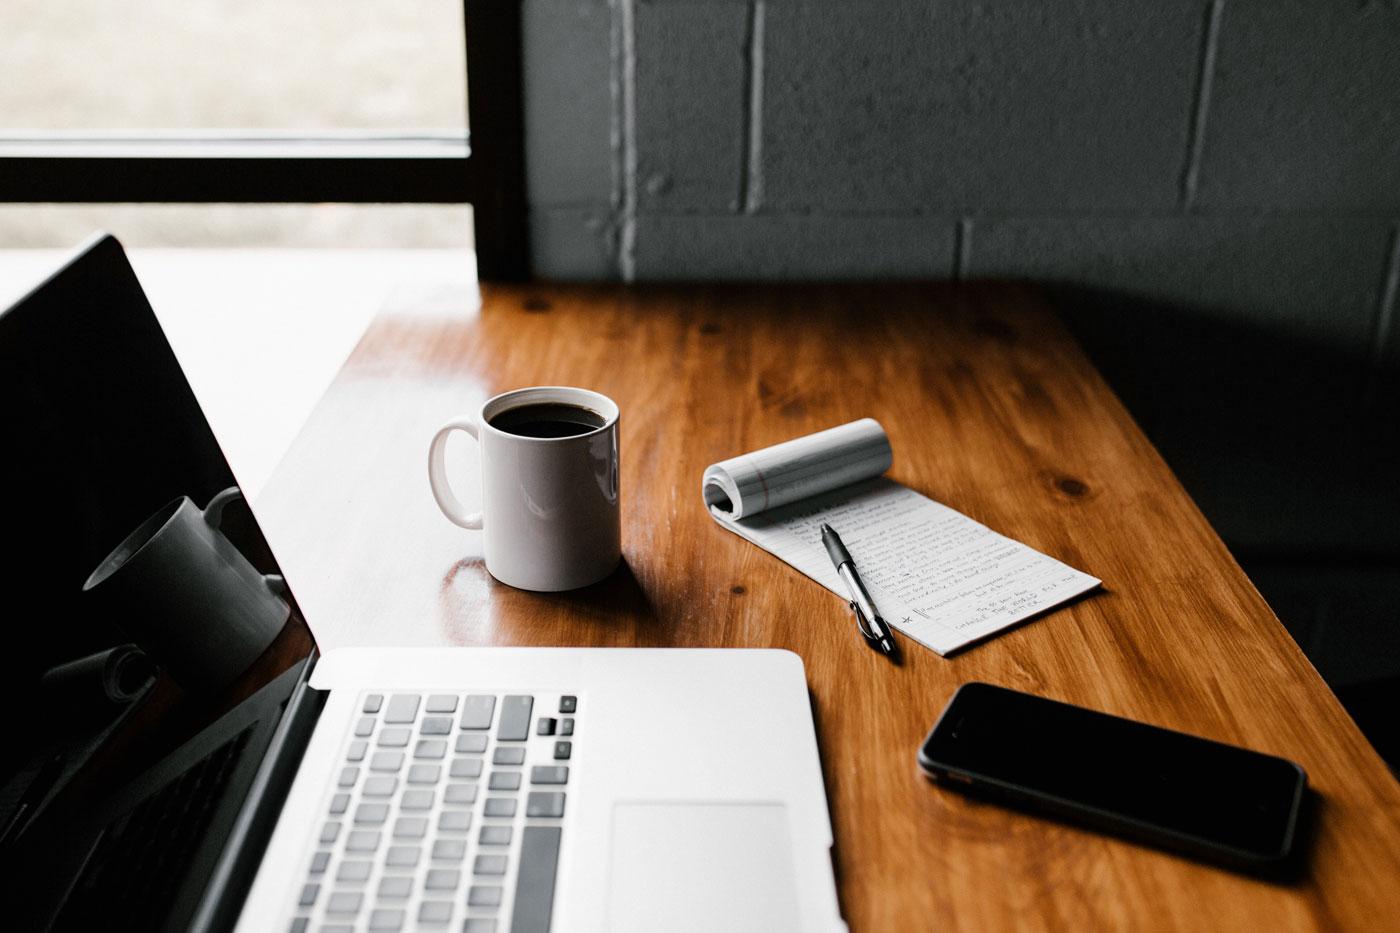 👨🏼🏫 Відбудеться безкоштовний онлайн-курс для стартапів — Think Big Online Boot Camp